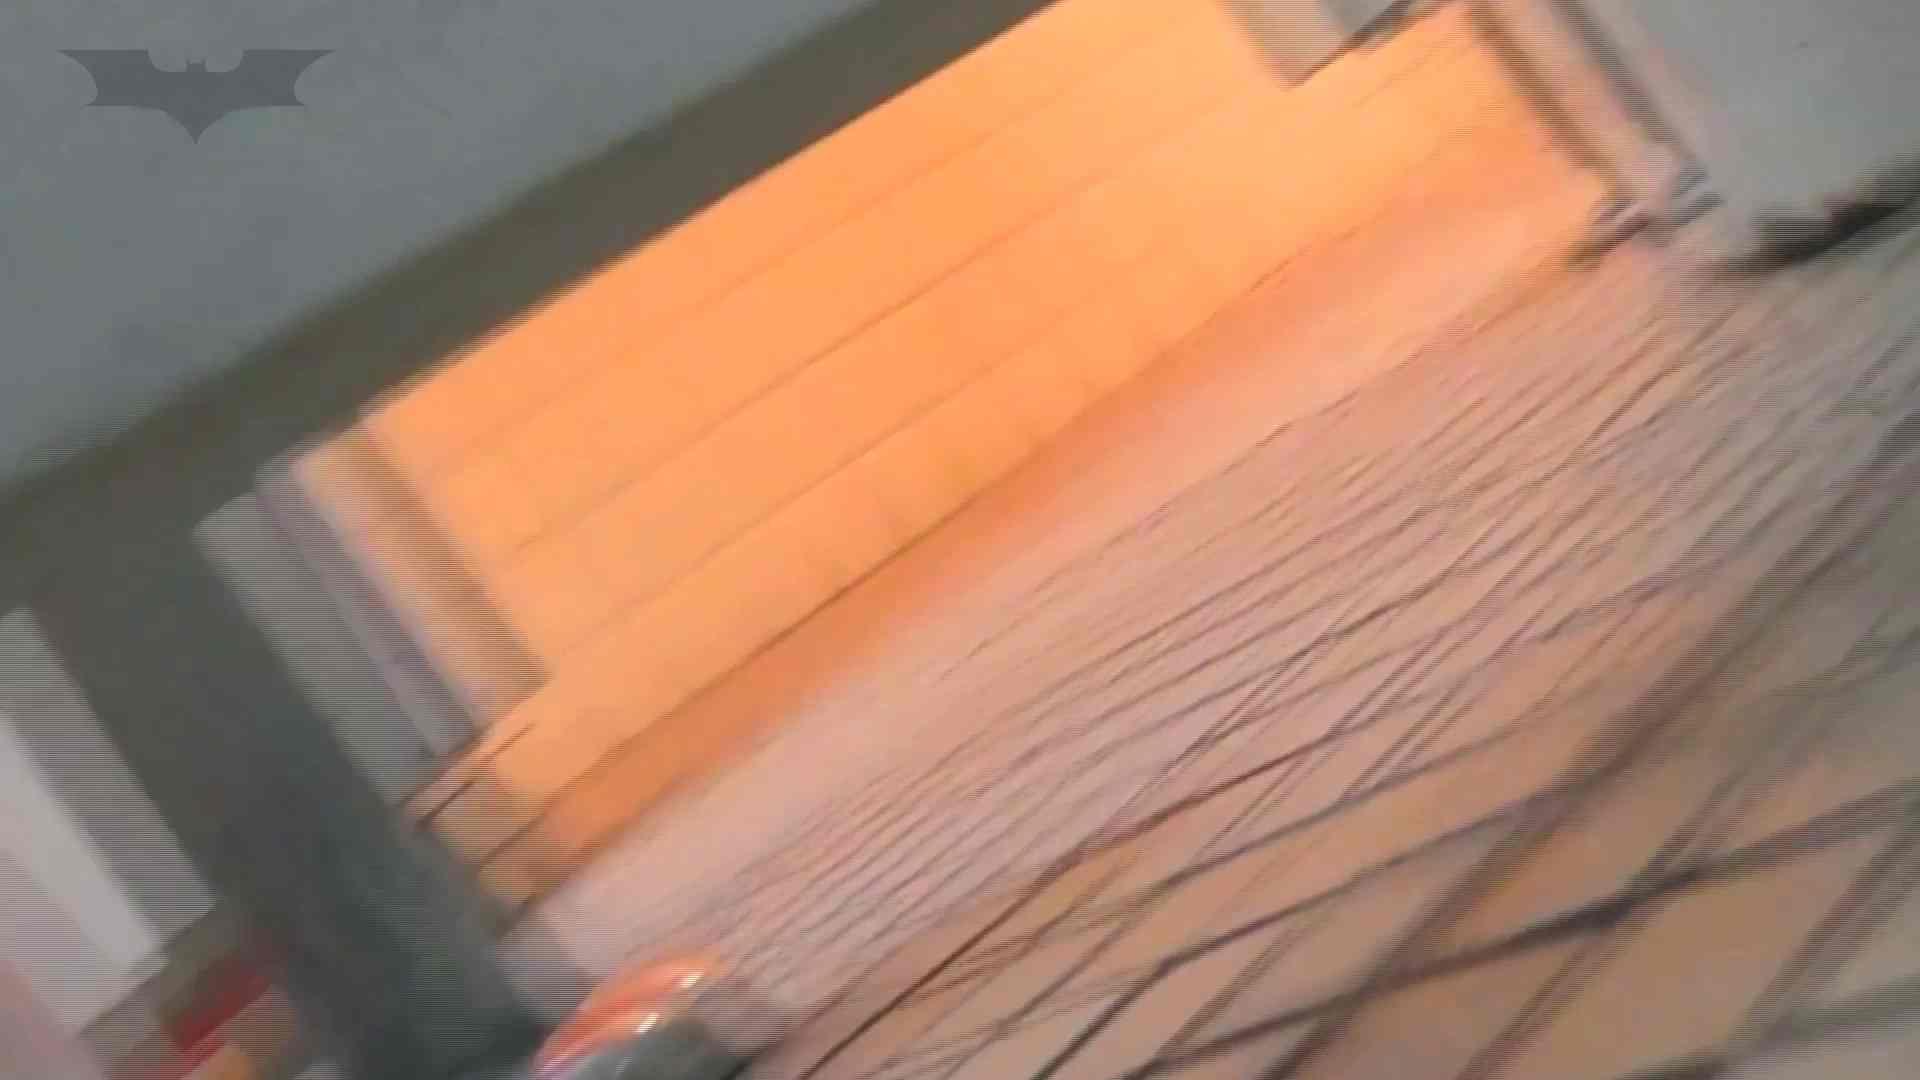 ▲期間限定D▲第三体育館潜入撮File034 きゃぴきゃぴ ギャル攻め おまんこ無修正動画無料 82画像 68